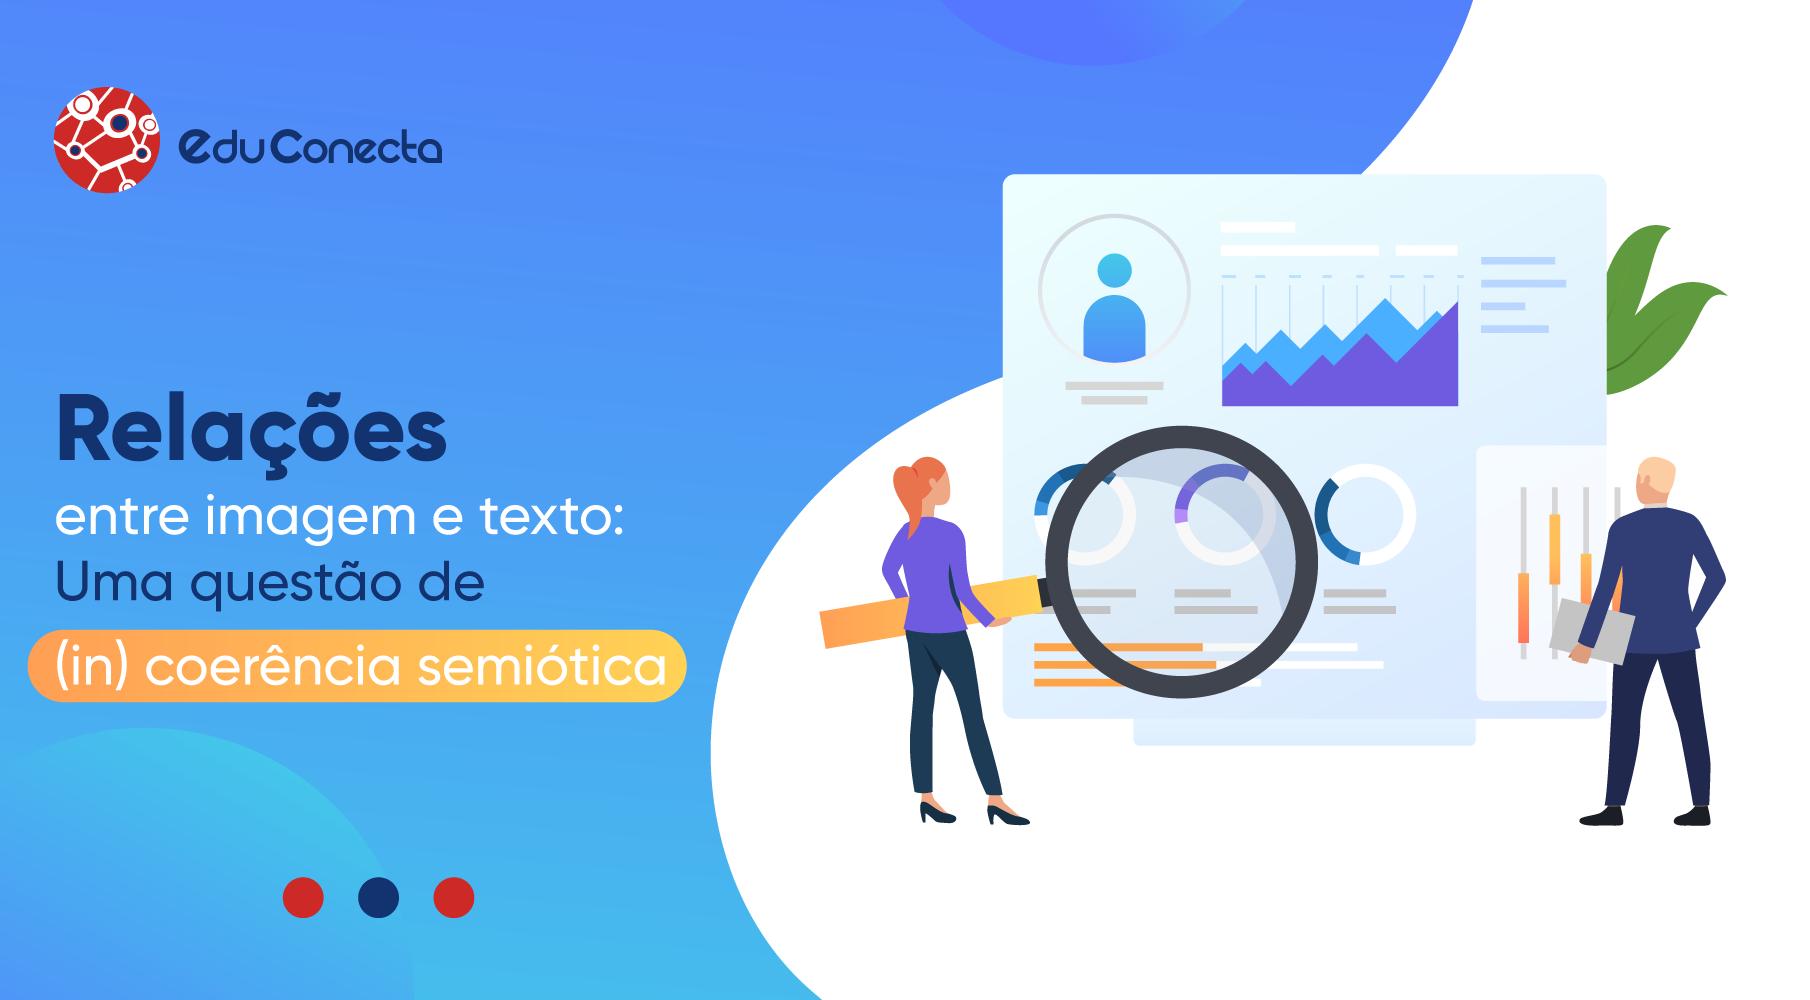 You are currently viewing RELAÇÕES ENTRE IMAGEM E TEXTO: UMA QUESTÃO DE  (IN) COERÊNCIA SEMIÓTICA